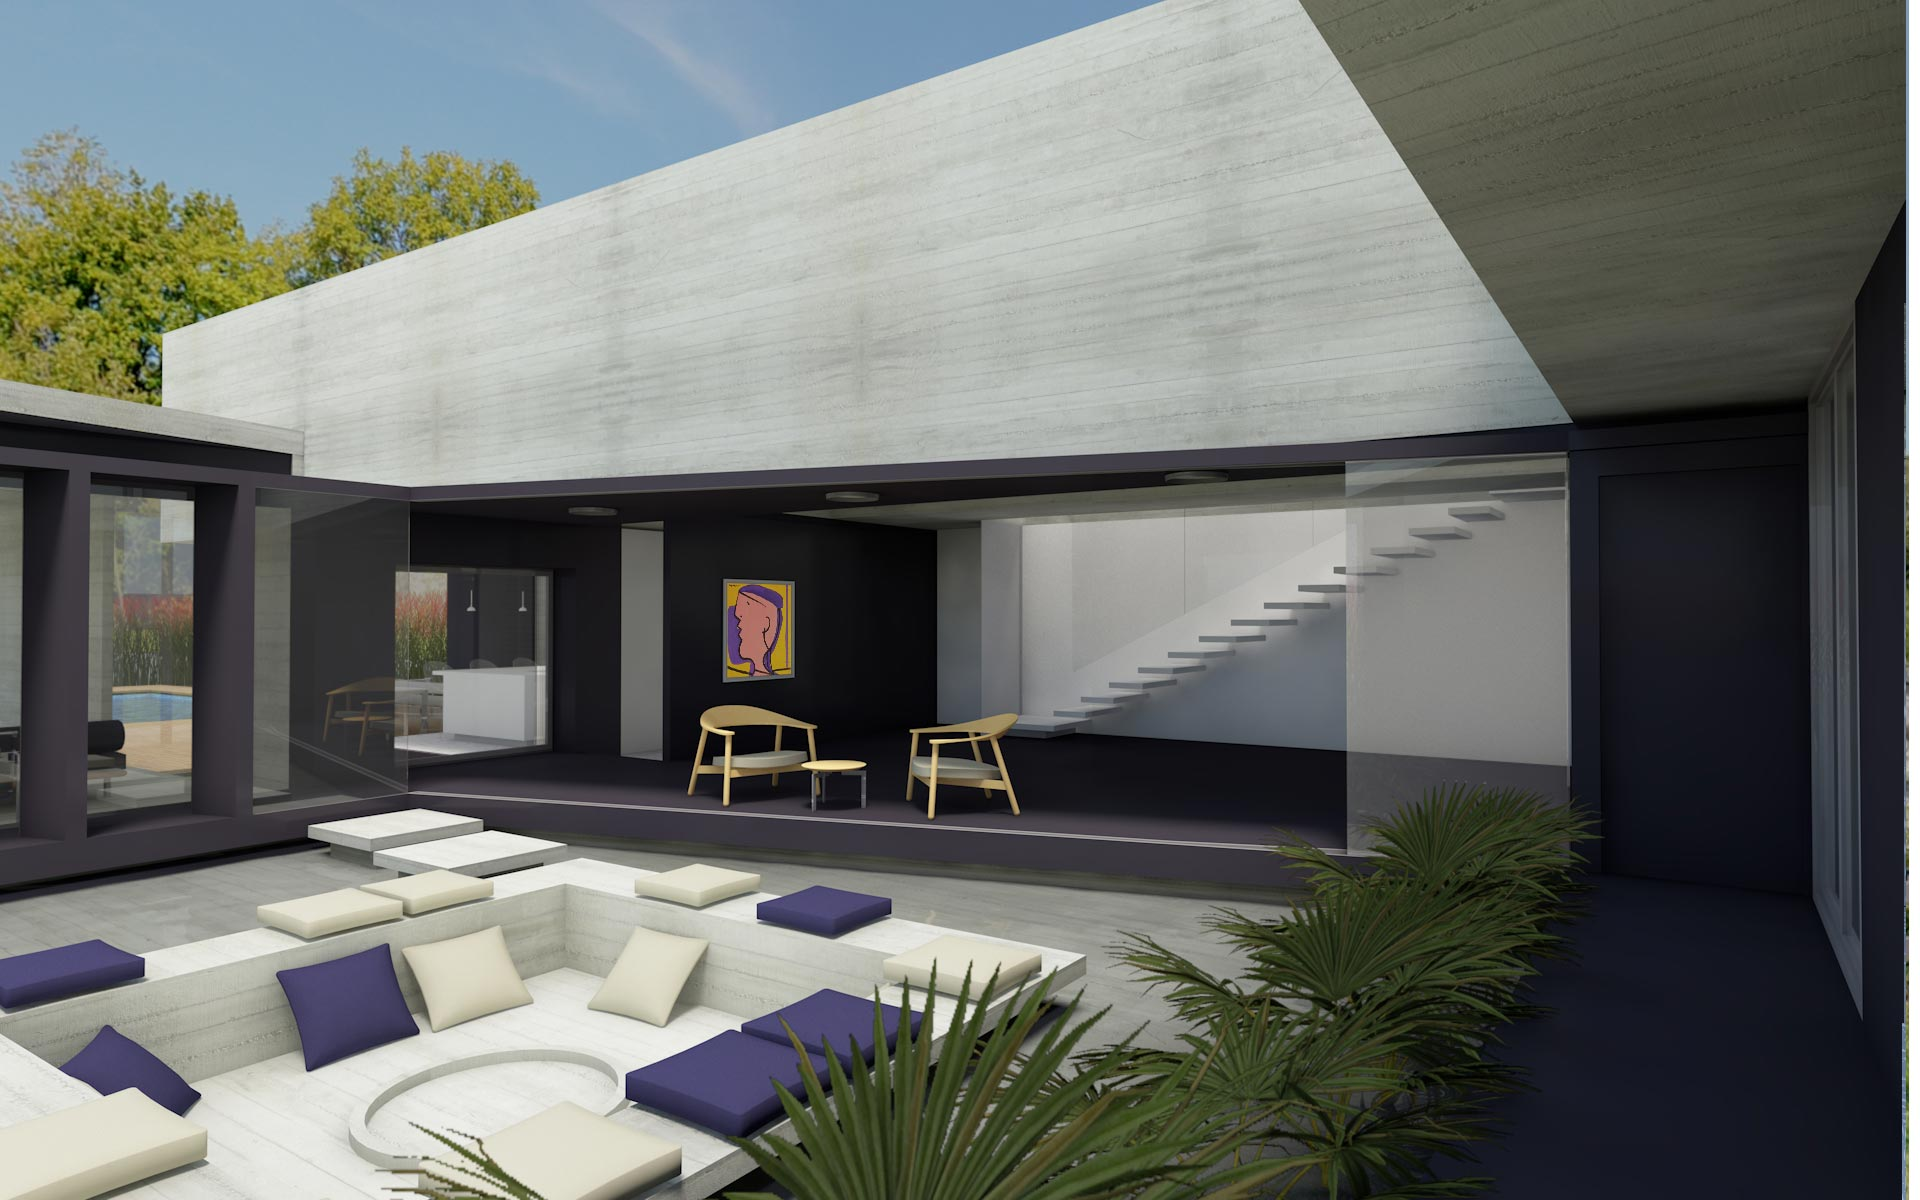 Arquitectura, casa minimalista en barrio cerrado, de hormigón visto y negro, acceso servicio patio interior, con fogón rodeado de agua